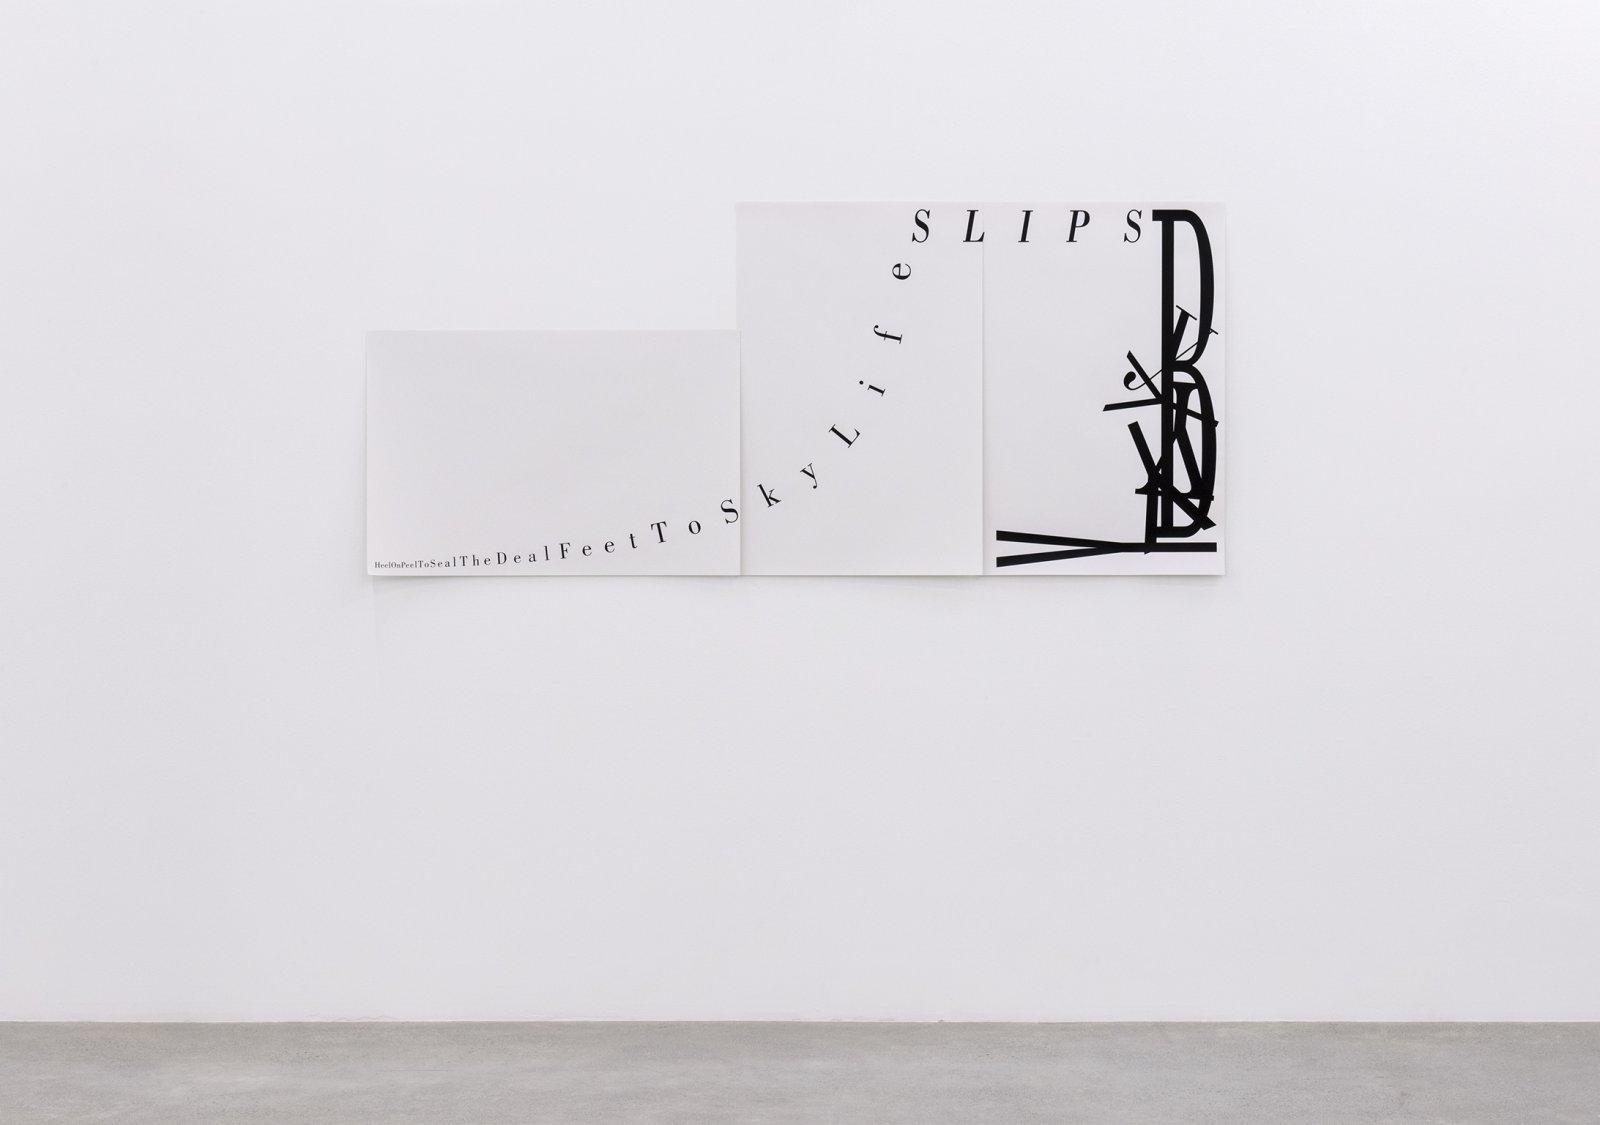 Janice Kerbel, Score, 'Slip', 2015, 3 silkscreen prints on paper, composition: 33 x 76 in. (84 x 193 cm), each sheet: 22 x 33 in. (56 x 84 cm) by Janice Kerbel